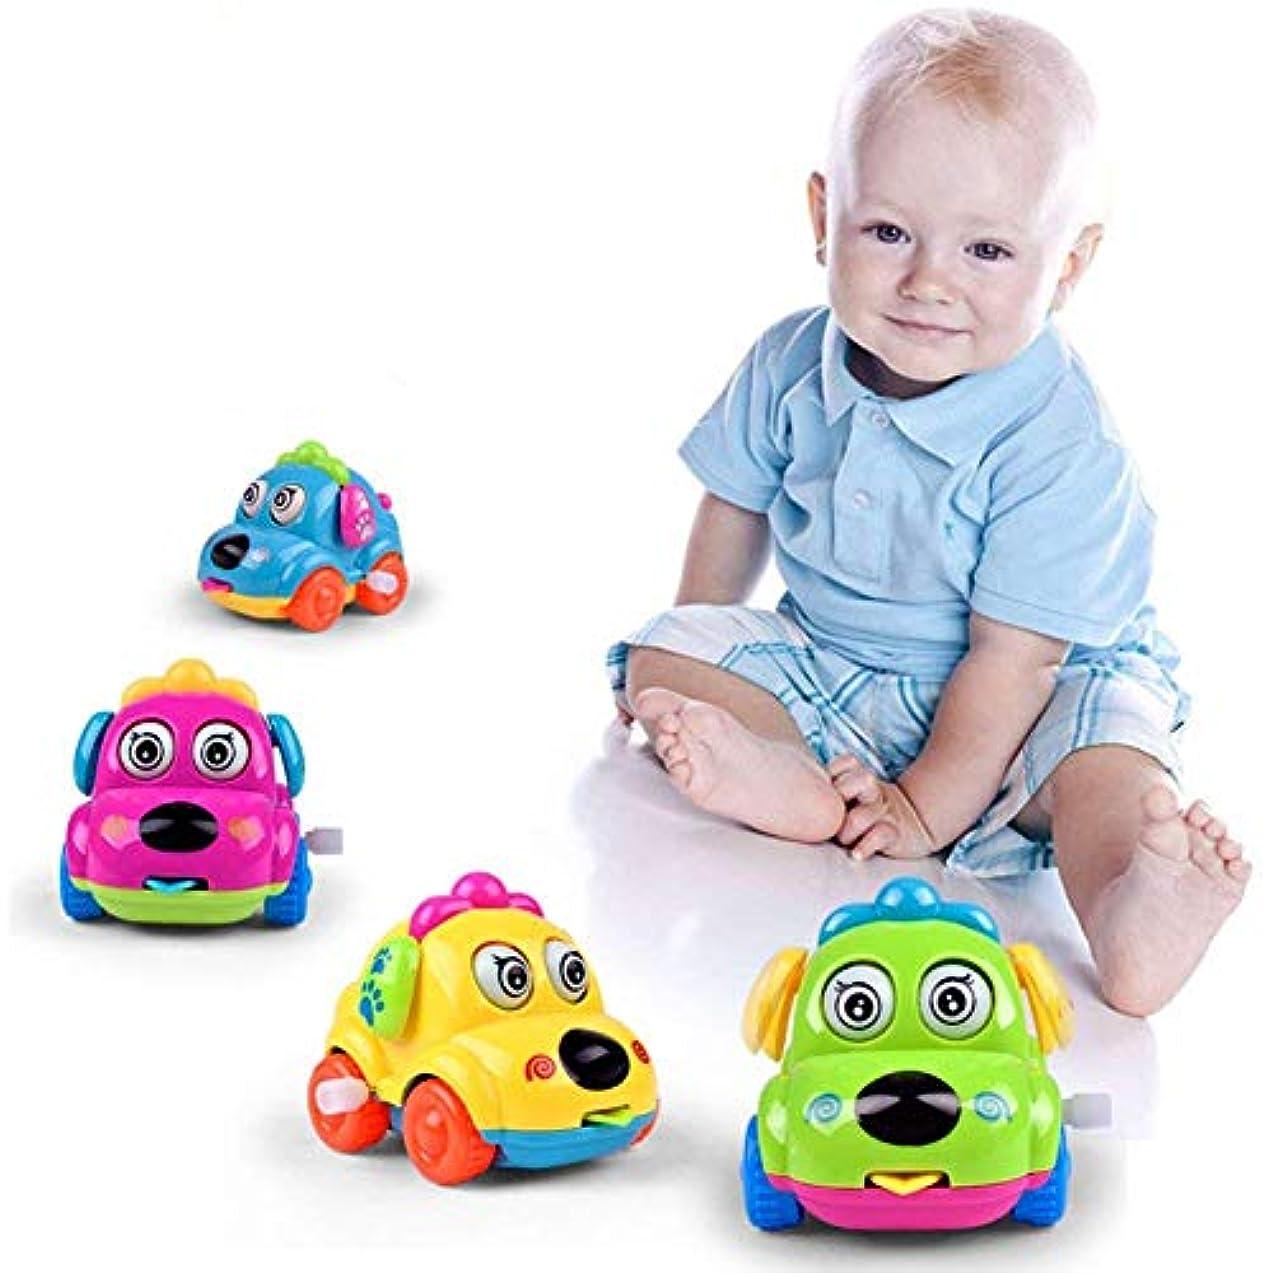 女性じゃないアフリカ人RETYLY 1個 子供幼児のおもちゃ スプリングの時計 カー車のおもちゃ 少年少女、ランダムな色